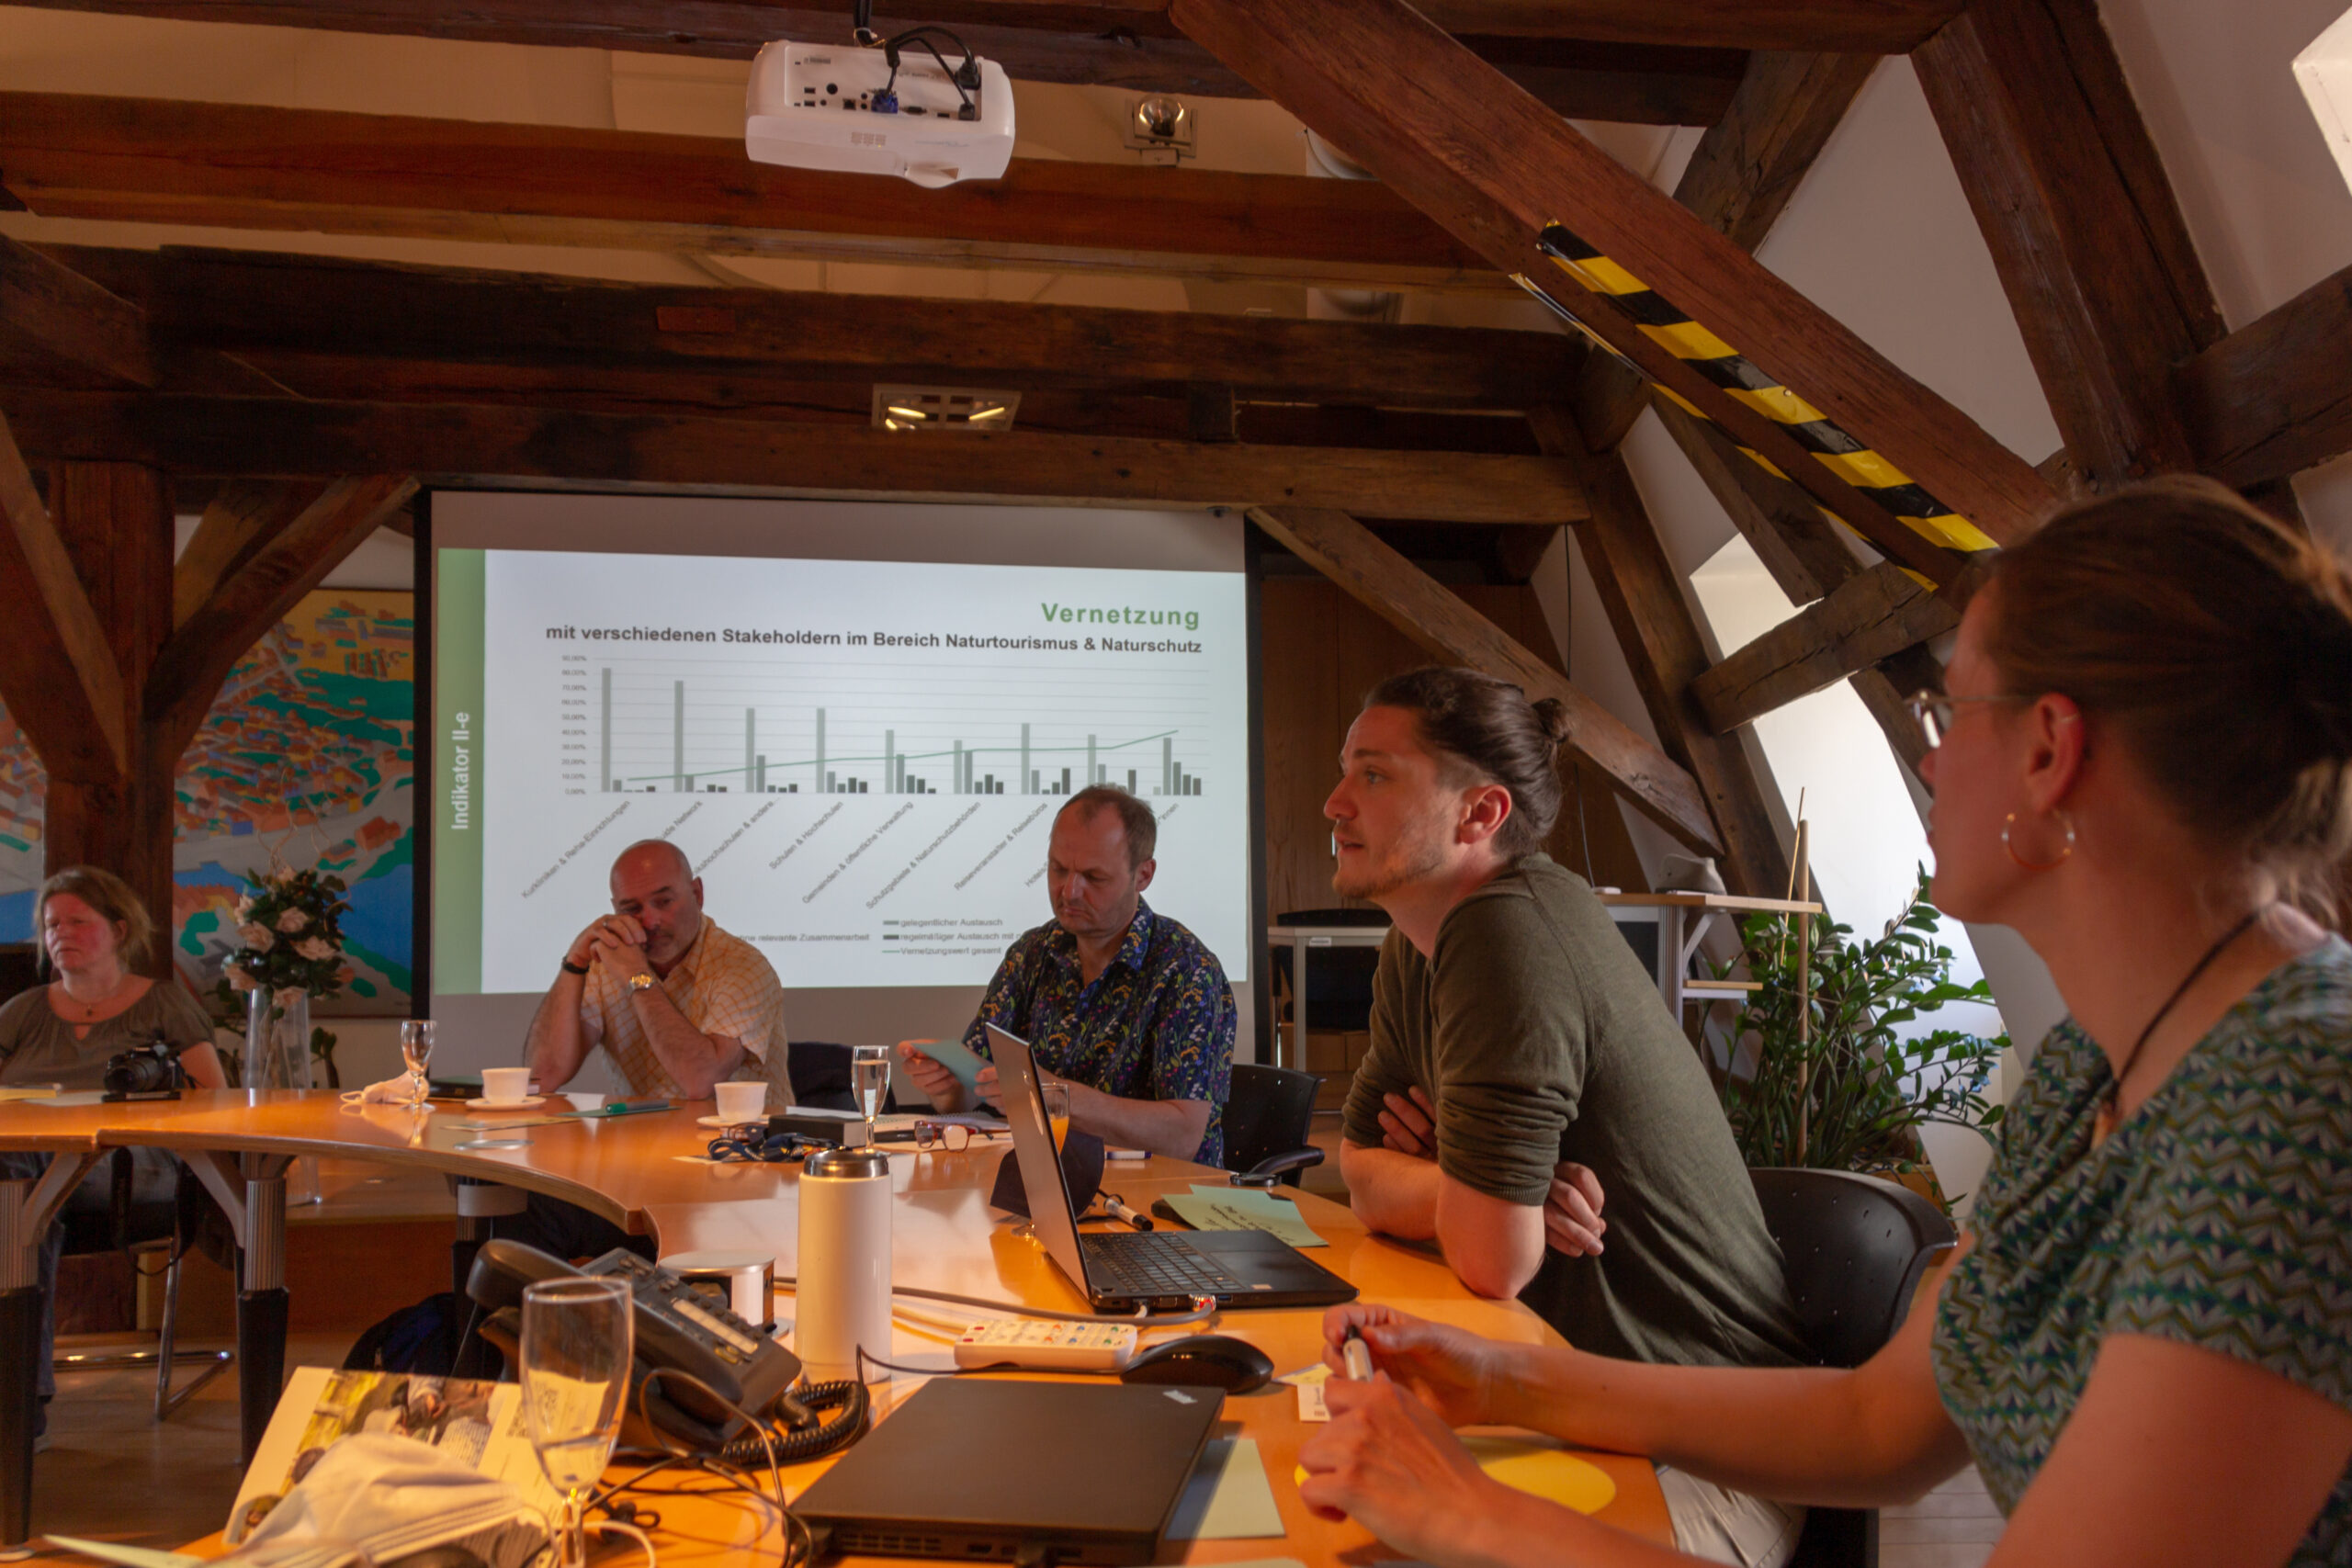 Arbeits- und Netzwerktreffen in Wolgast, Simon Reuter